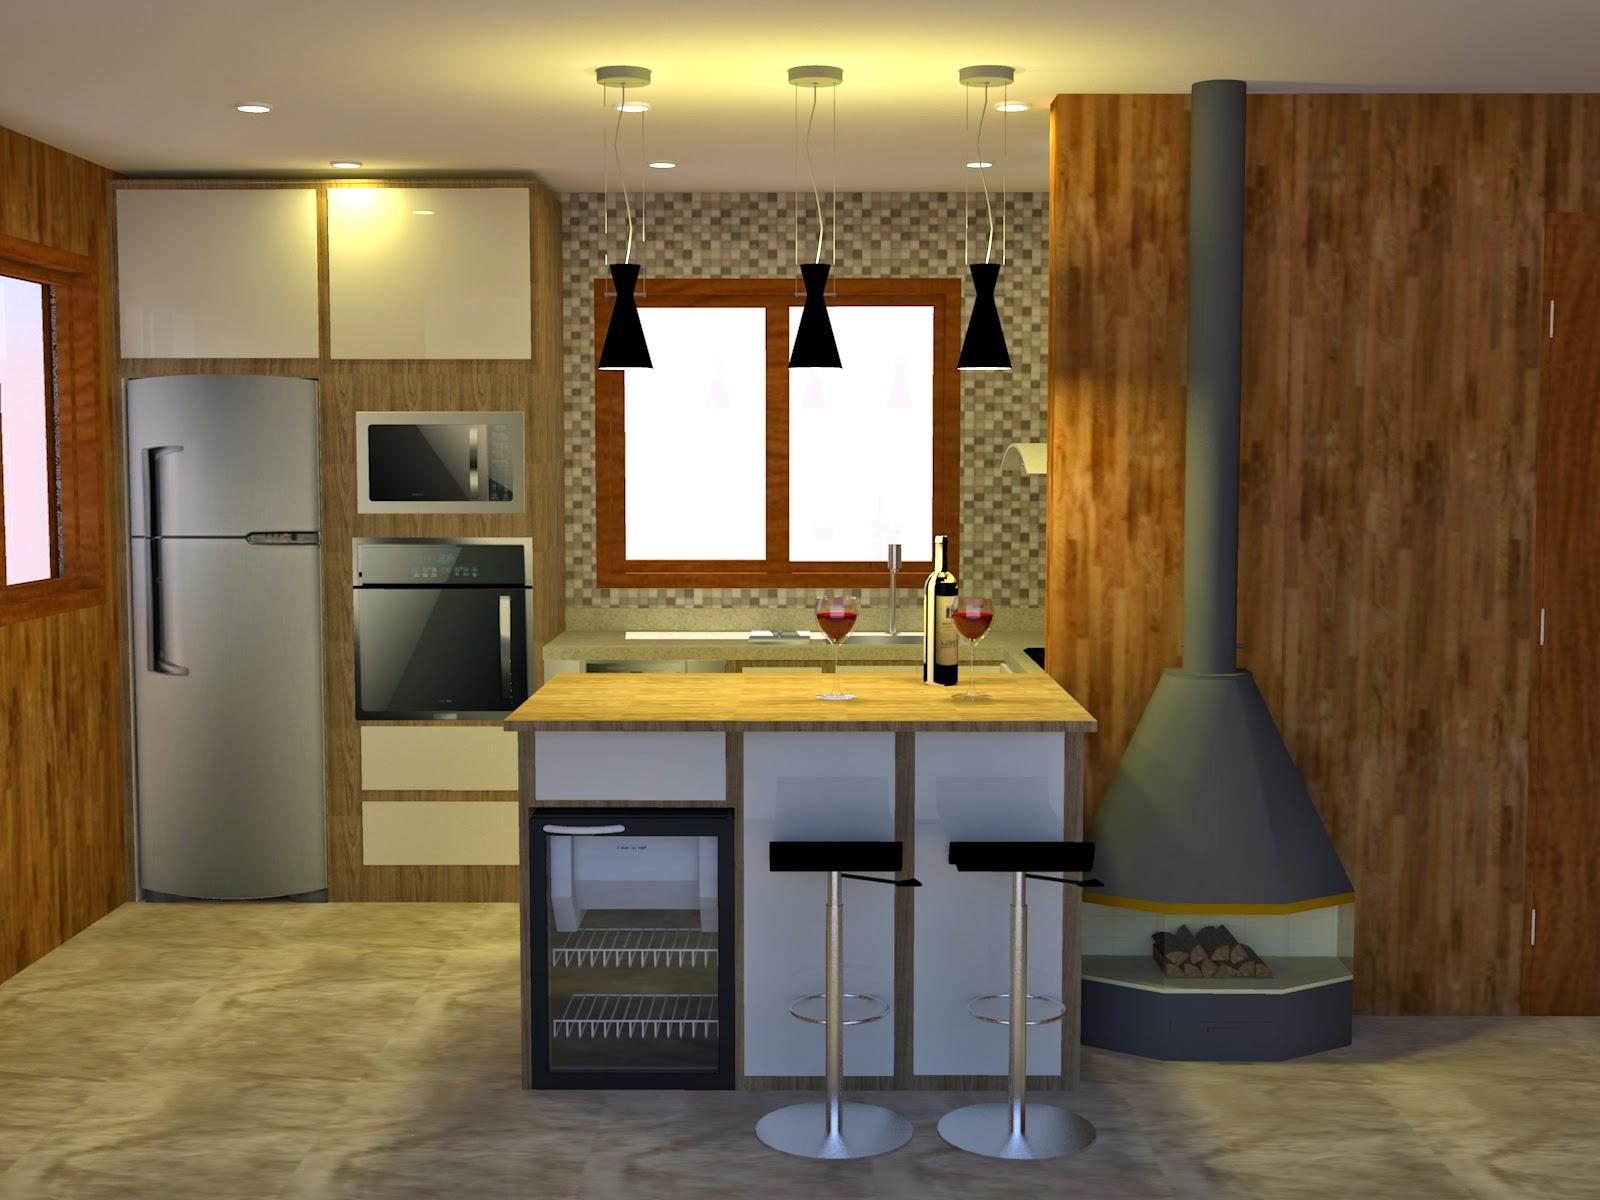 Lisandra Queiroz Projeto Cozinha De Chal Leysin Sui A